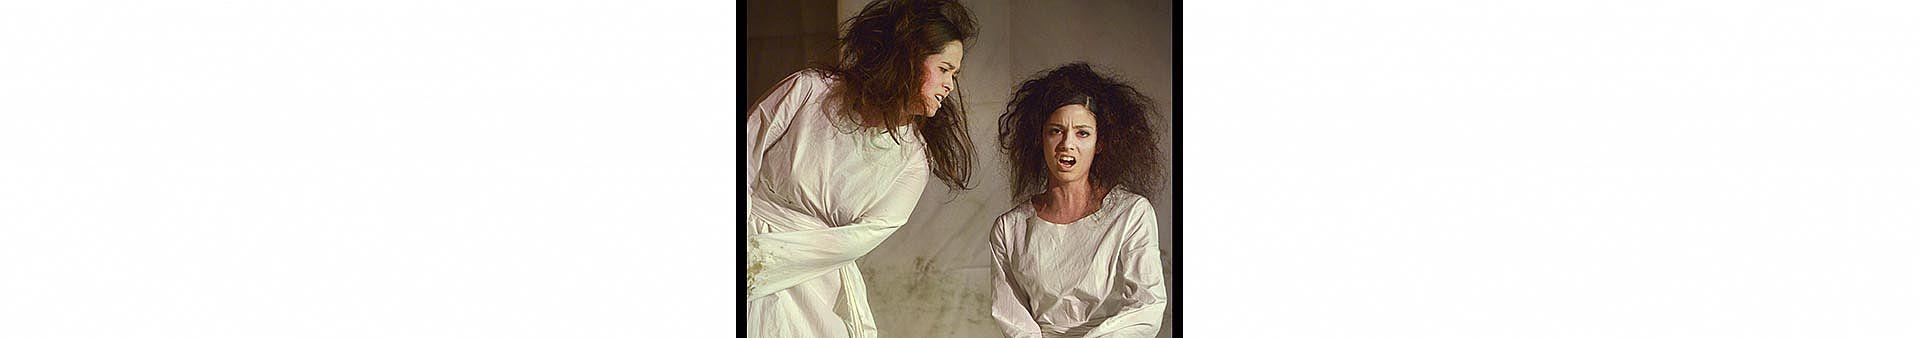 אמהות (צילום: יוסי צבקר)